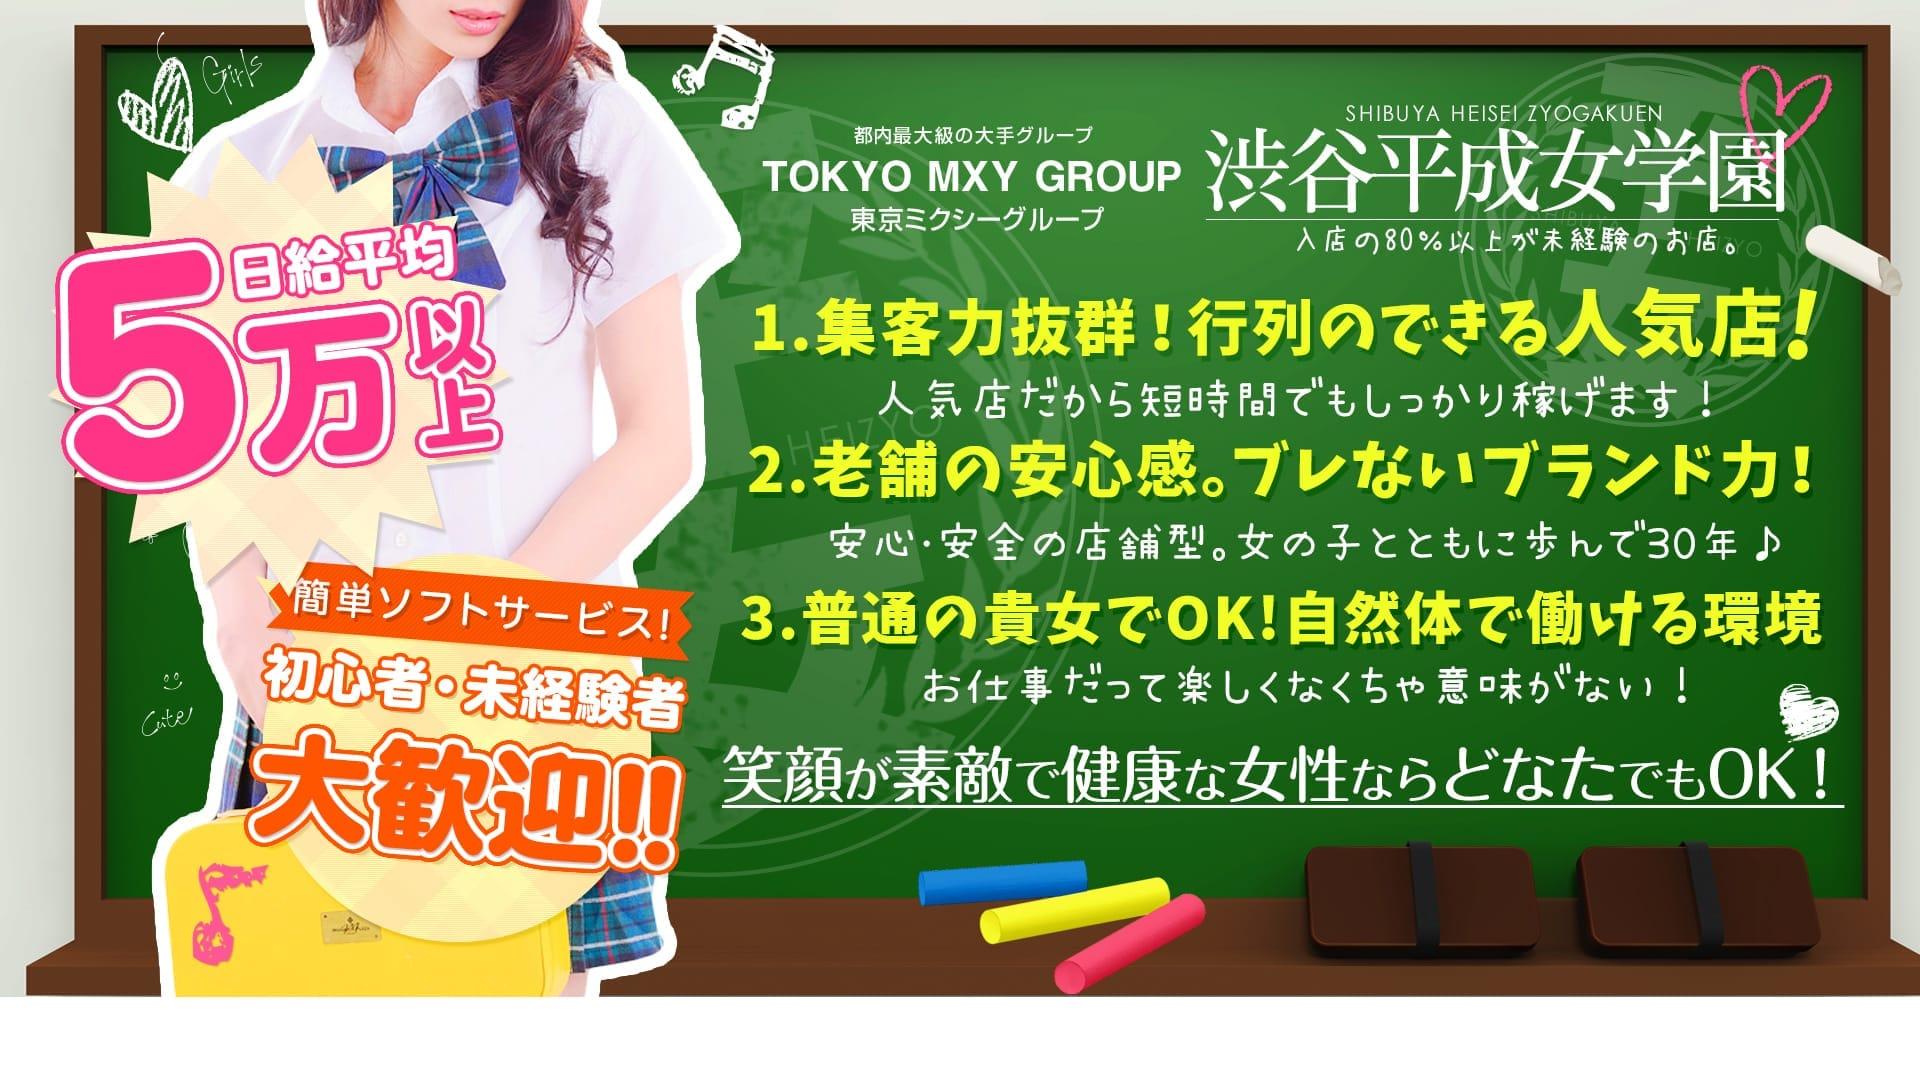 ★受付にスタッフ常駐の安心・安全な店舗型ソフト・サービス★ 渋谷平成女学園の求人ブログ